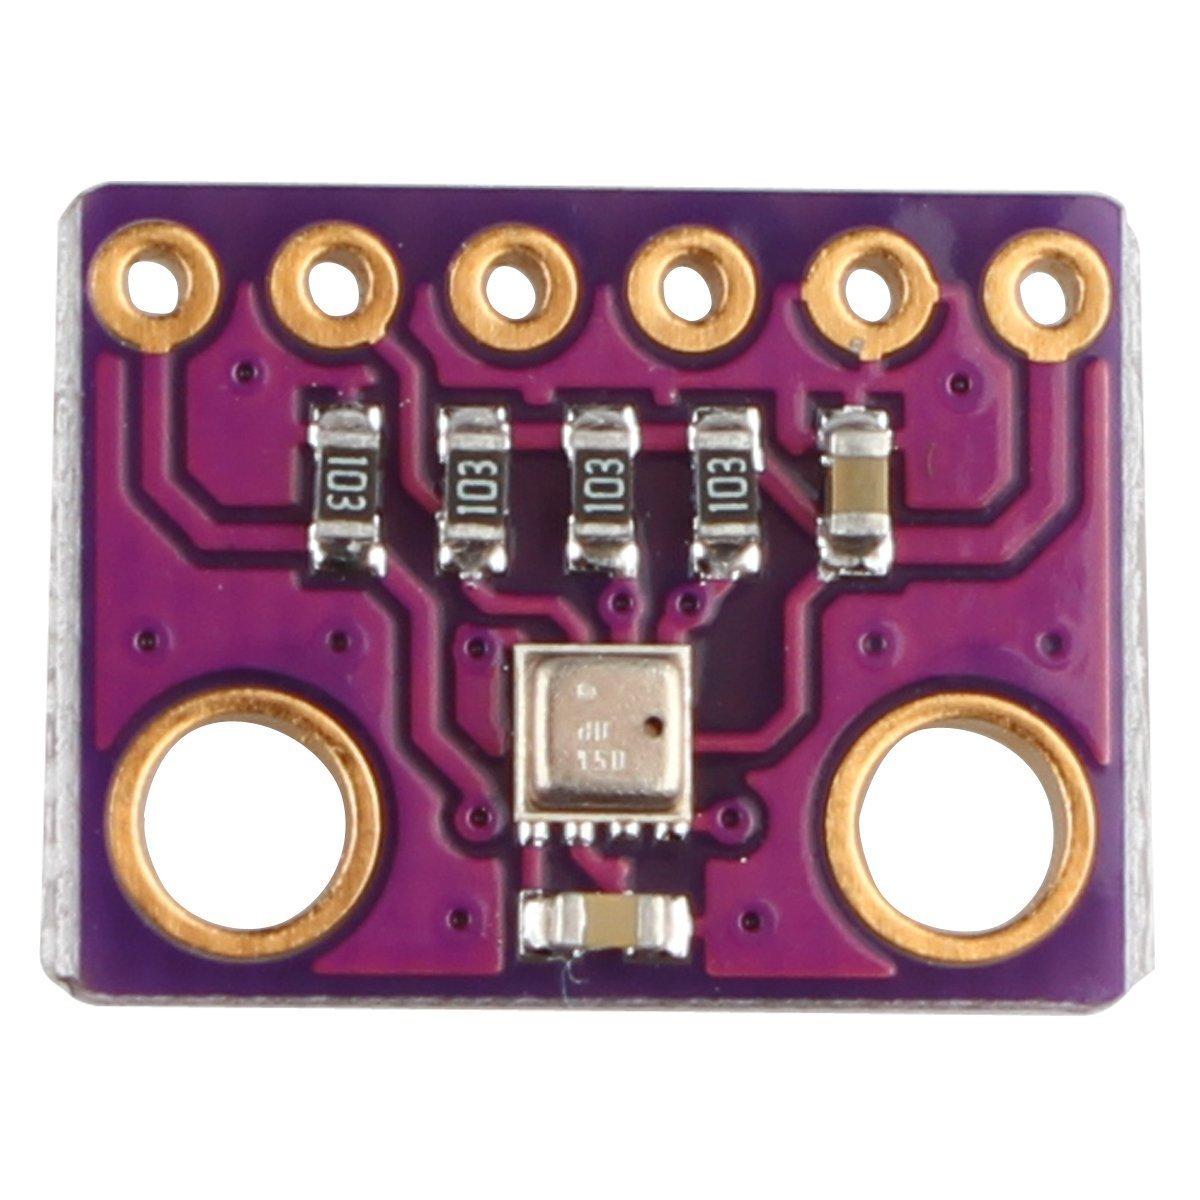 Modulo GY‑BMP280‑3.3 digitale I2 C per Arduino con sensore di pressione barometrica umidit/à e temperatura BME280 colore viola porpora porpora 1 Hosaire